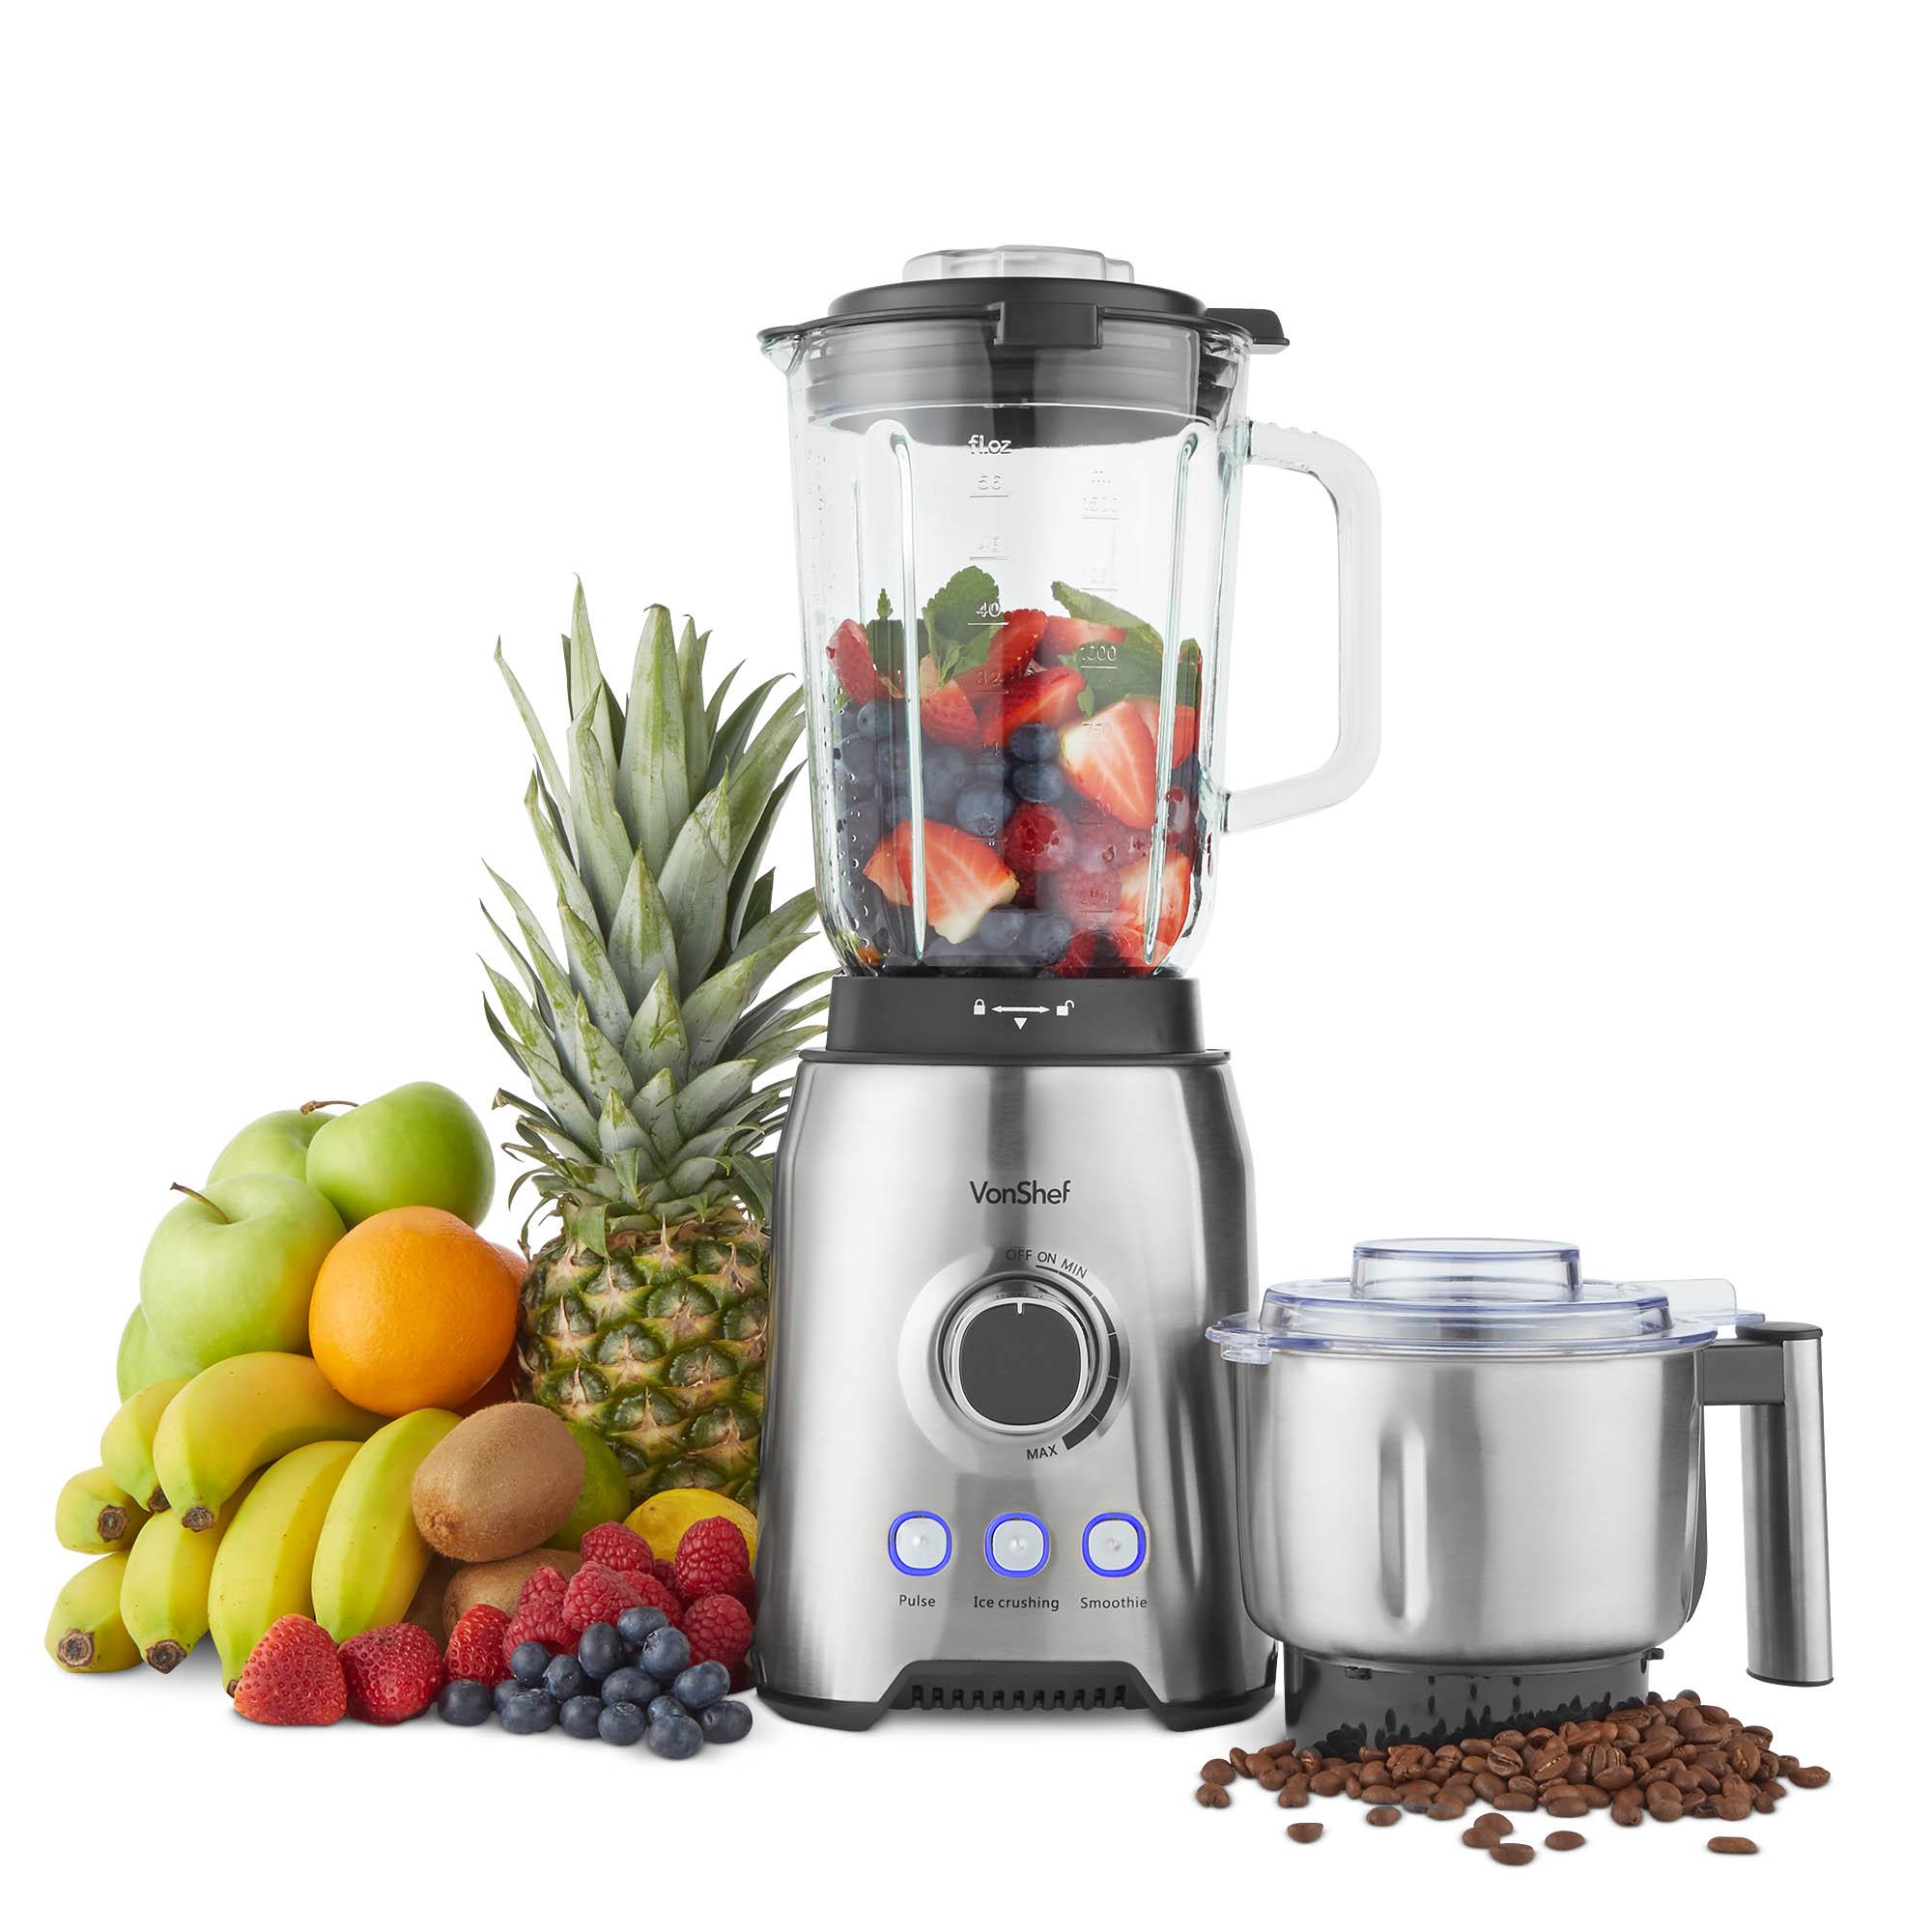 Details about VonShef Blender Glass Jar Smoothie Maker Juicer Grinder Ice Crusher Machine 1000